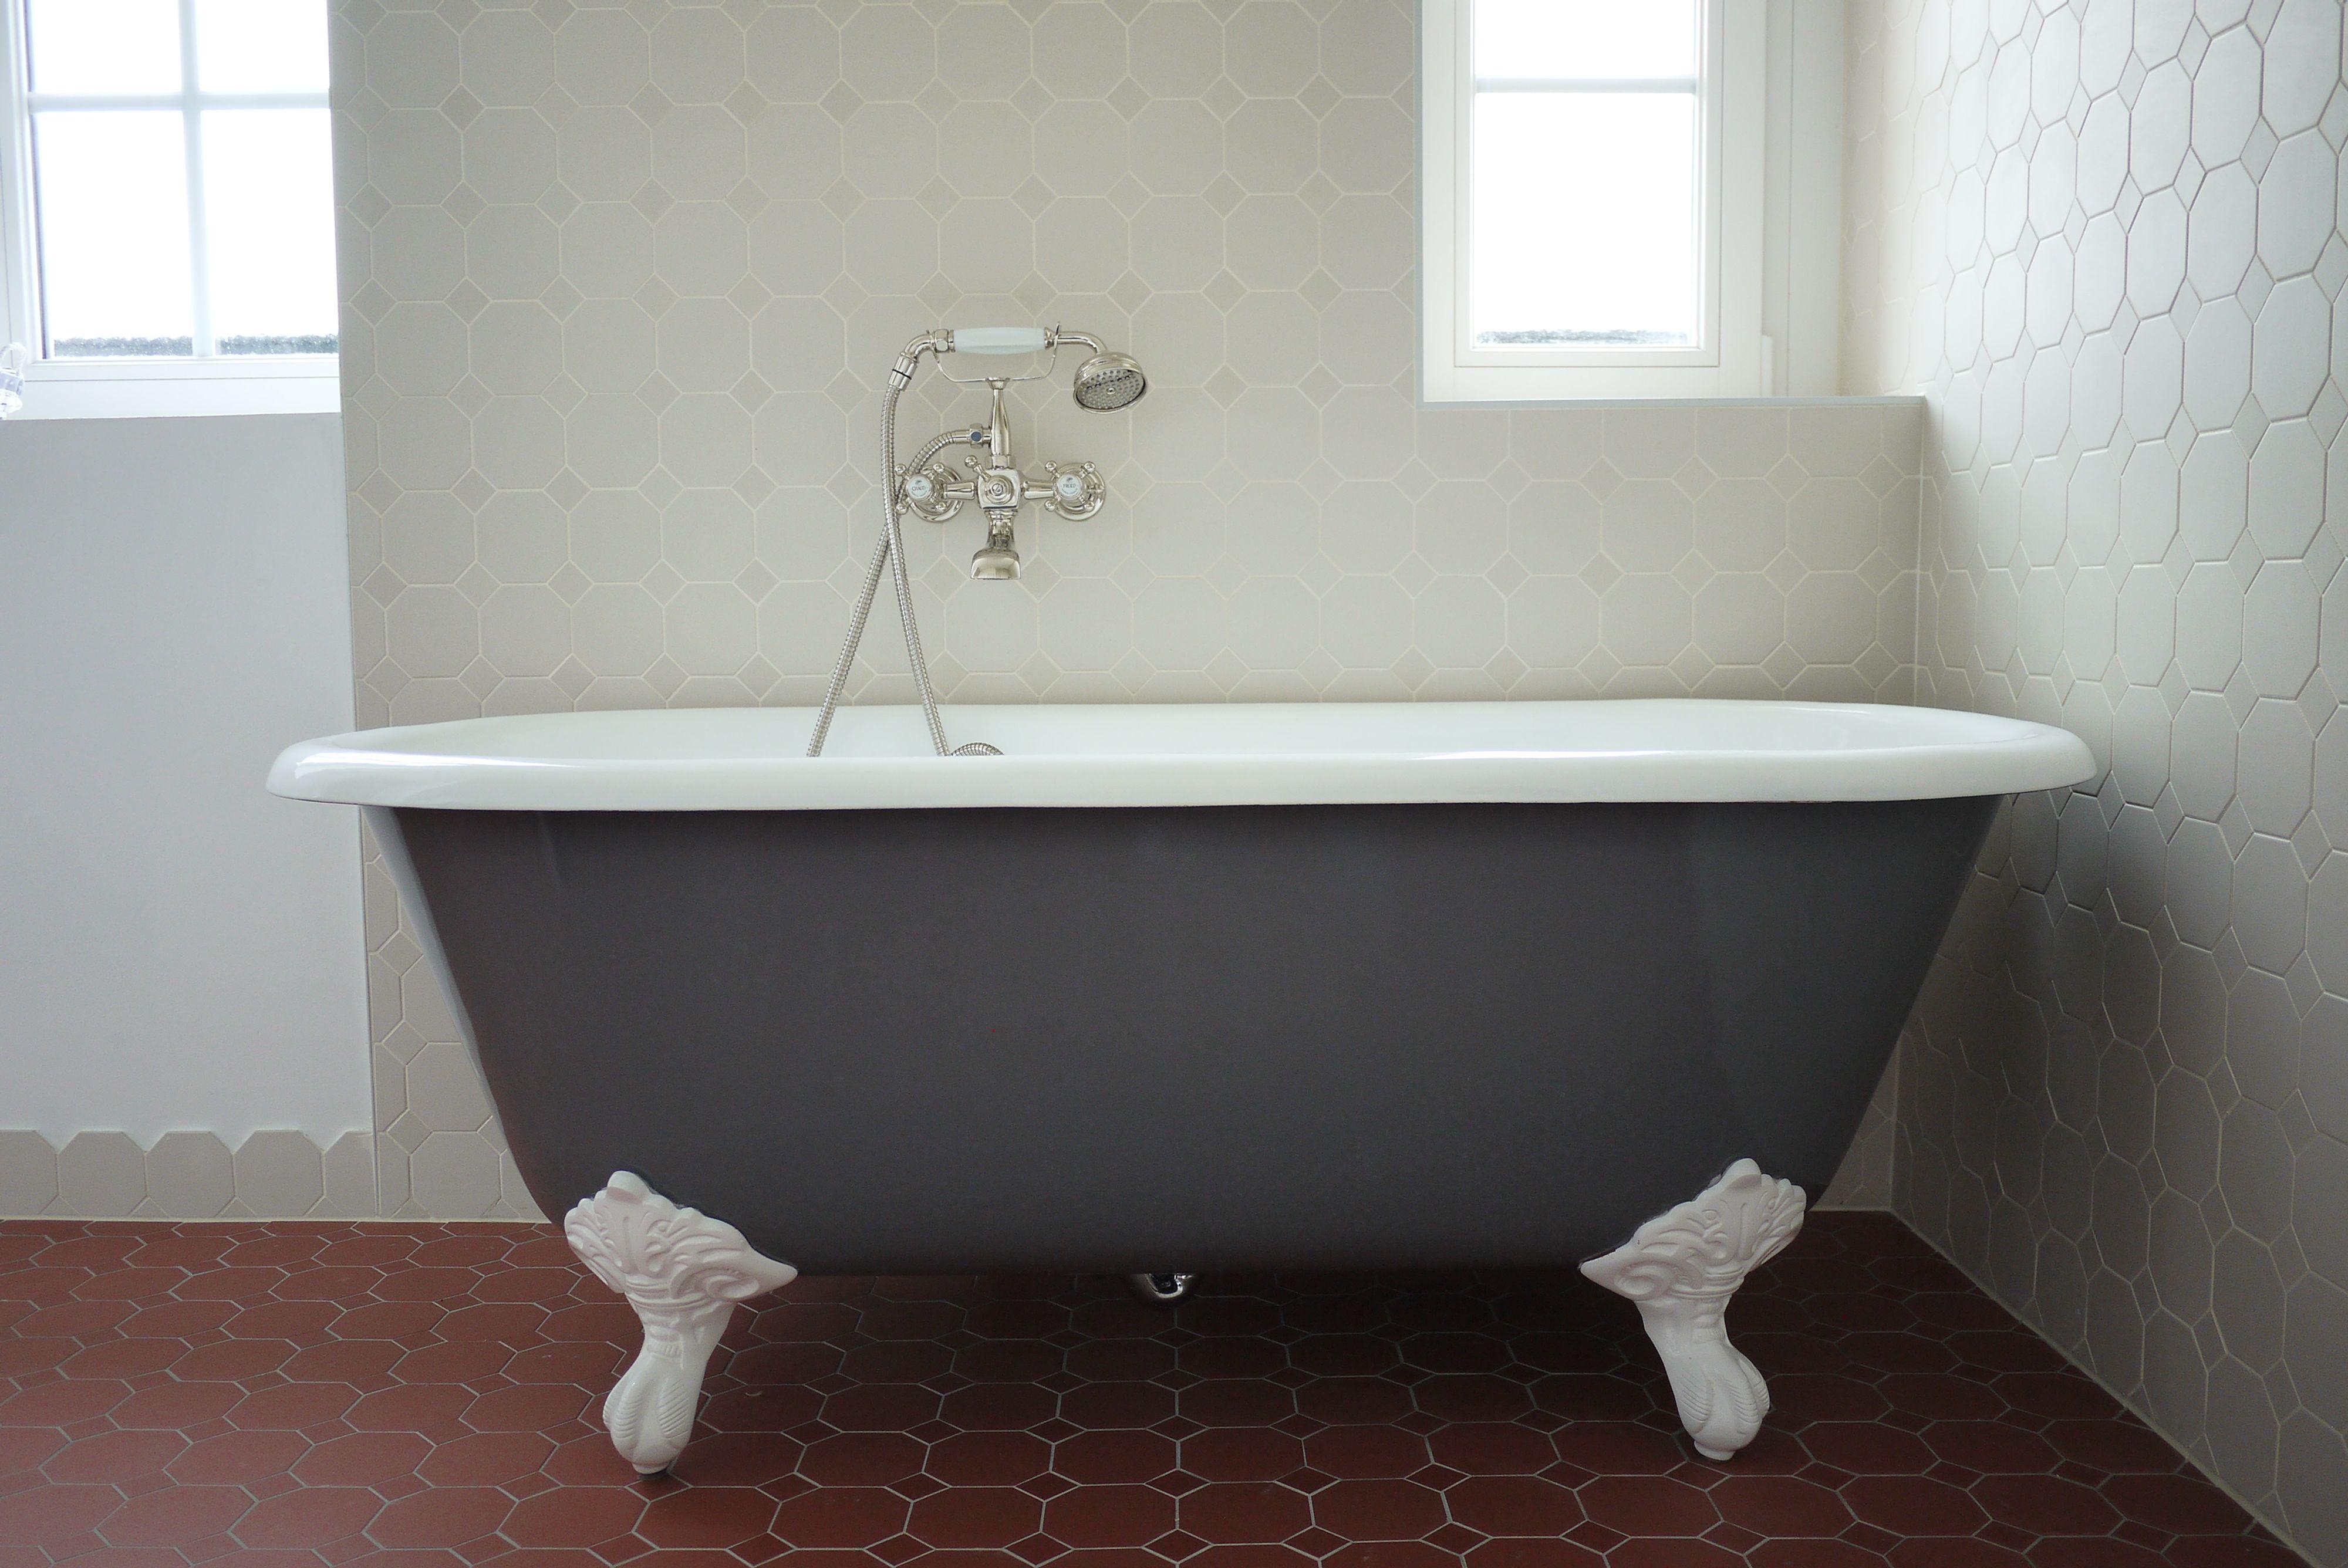 baignoire en fonte patte d'aigle plymouth 153 cm grise et pieds